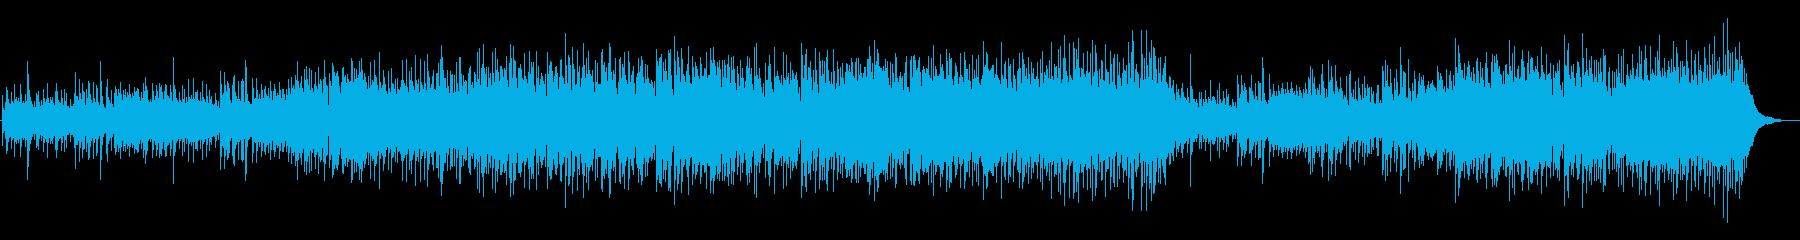 ノスタルジックでシンプルに美しい音楽の再生済みの波形